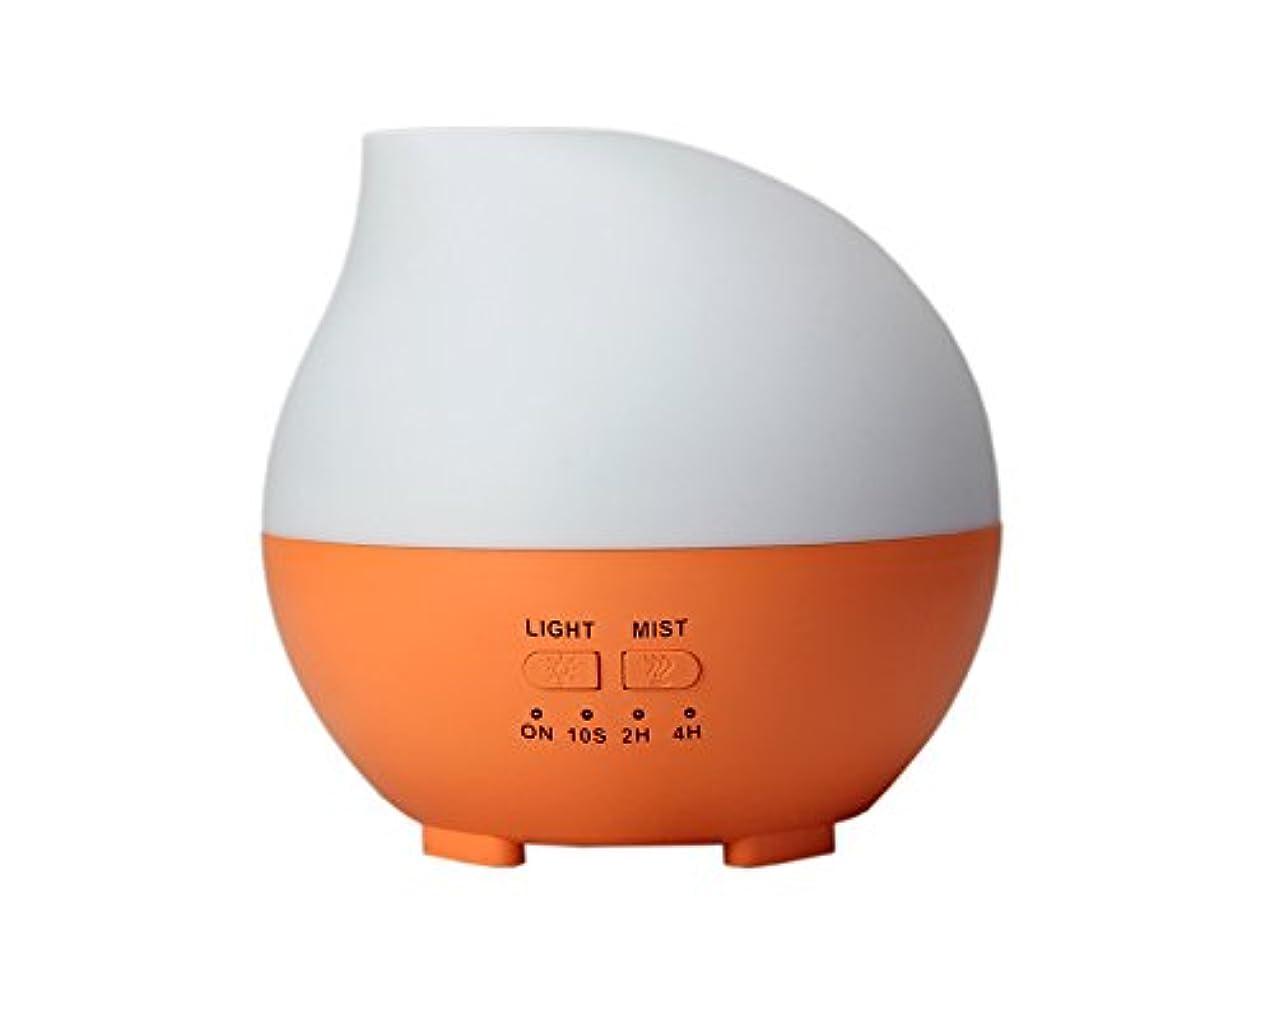 ミリメーター再発する制限LIBESON 加湿器 卓上 超音波 静音大容量 アロマディフューザー コンセント差し込み式 ムードランプ シンプル ホイップ型 オレンジ